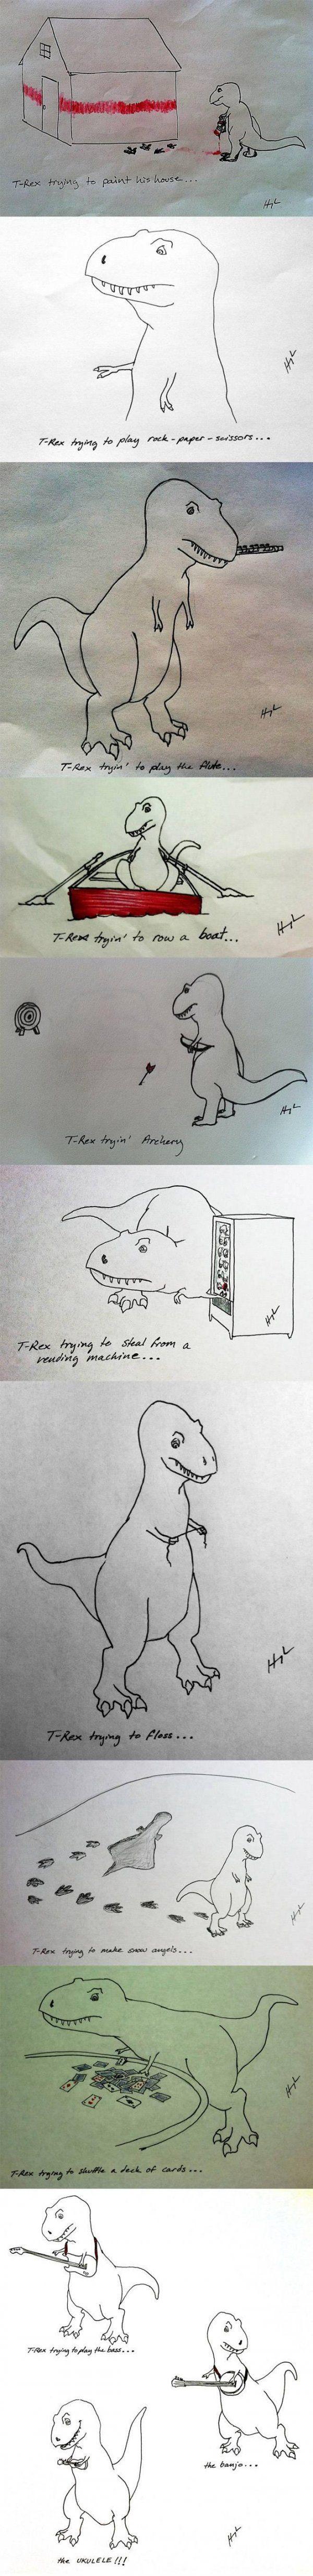 life of t-rex